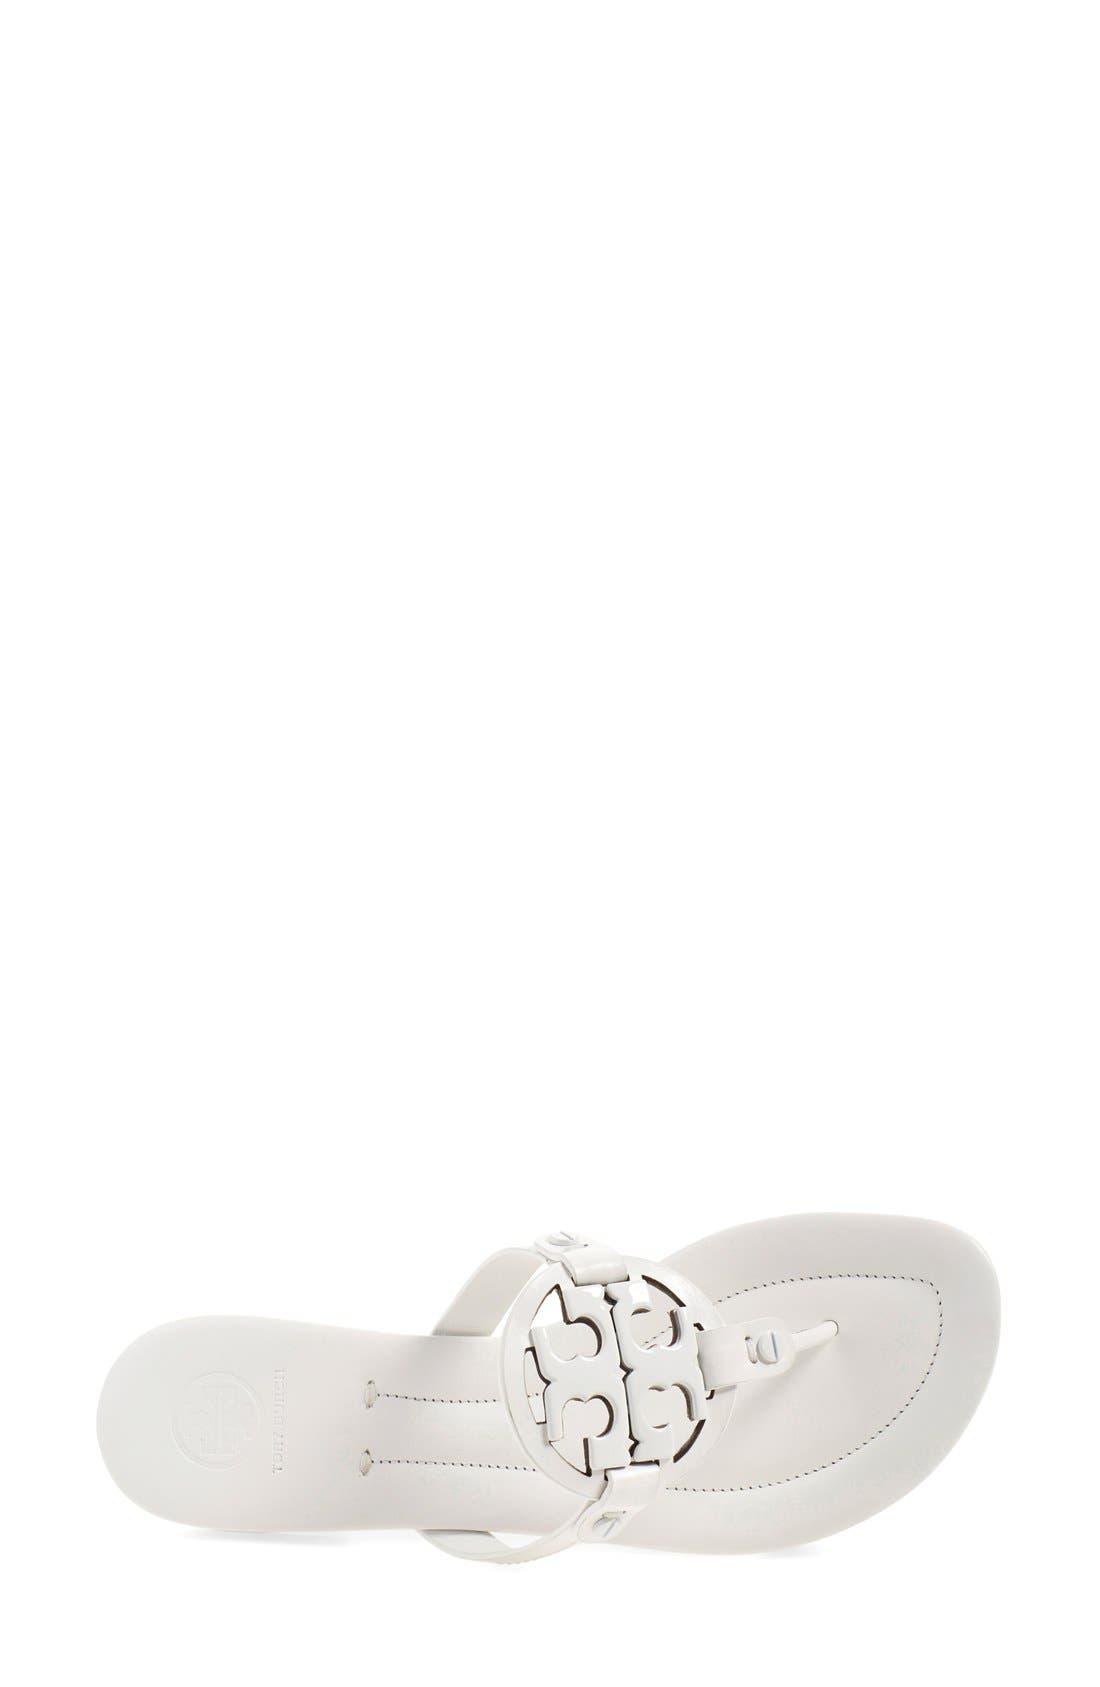 Alternate Image 3  - Tory Burch 'Miller 2' Logo Sandal (Women)